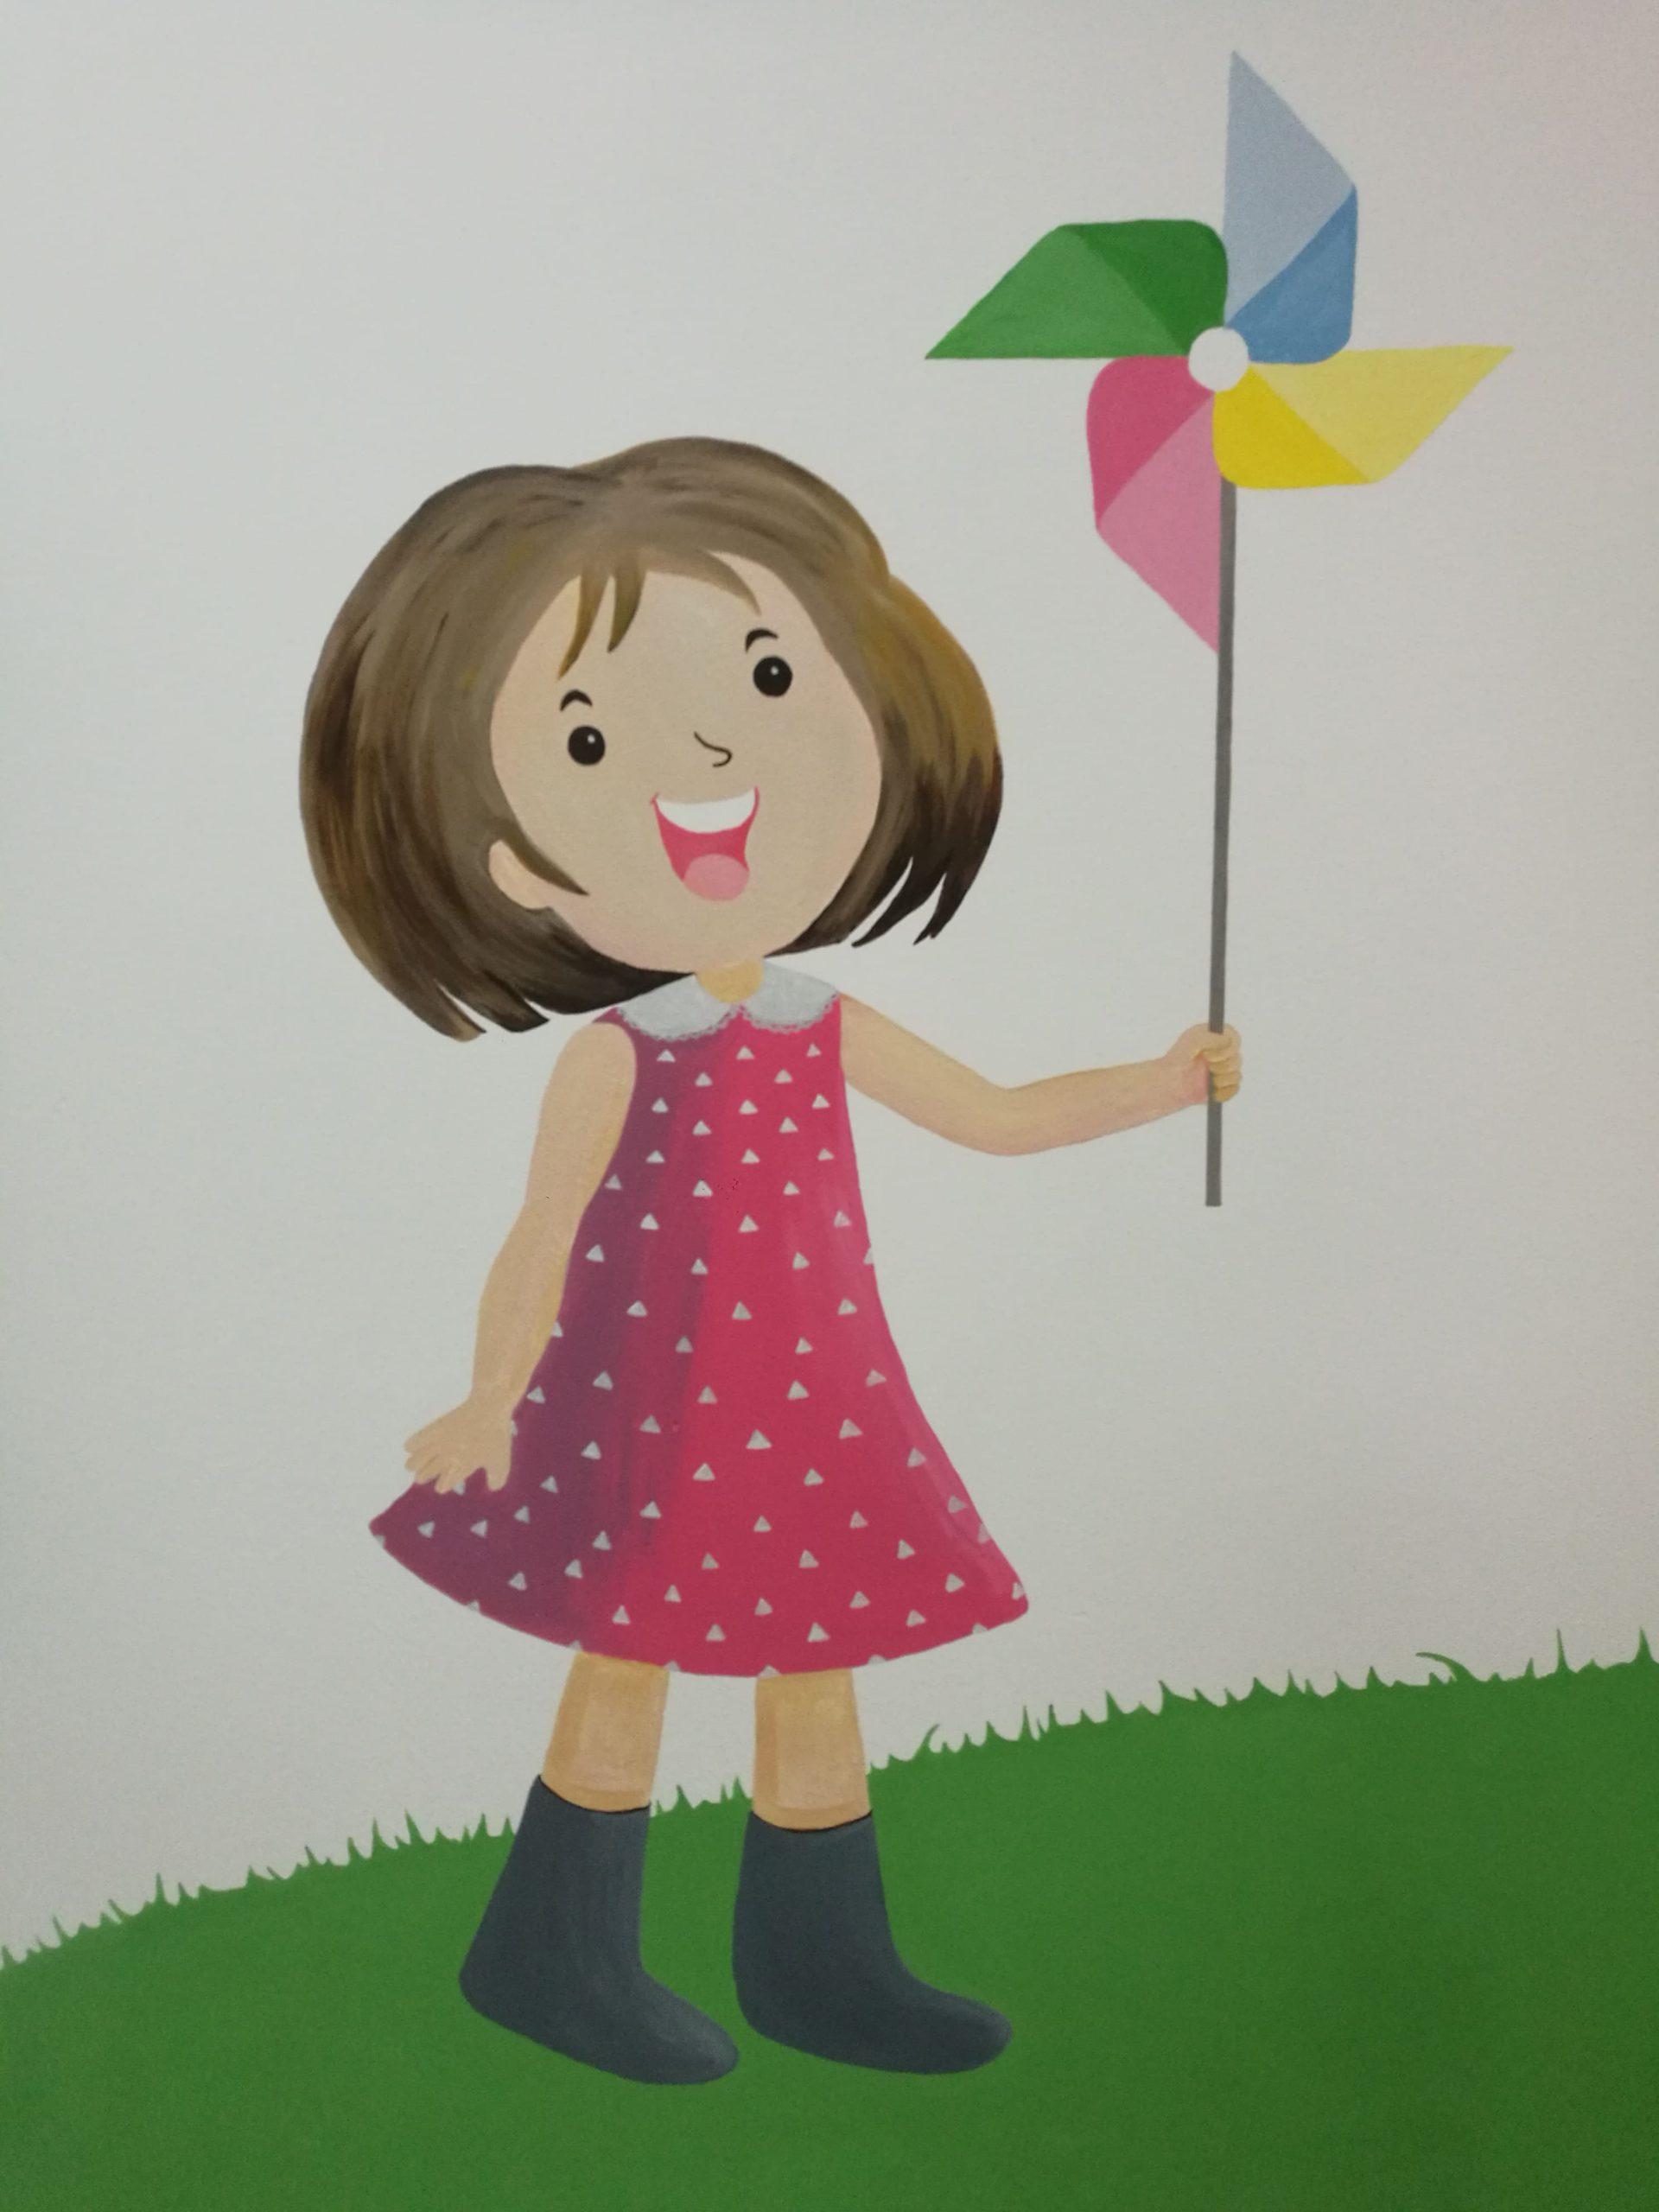 menine-kuryba-sienu-dekoravimas-ugdymo-istaigos (12)